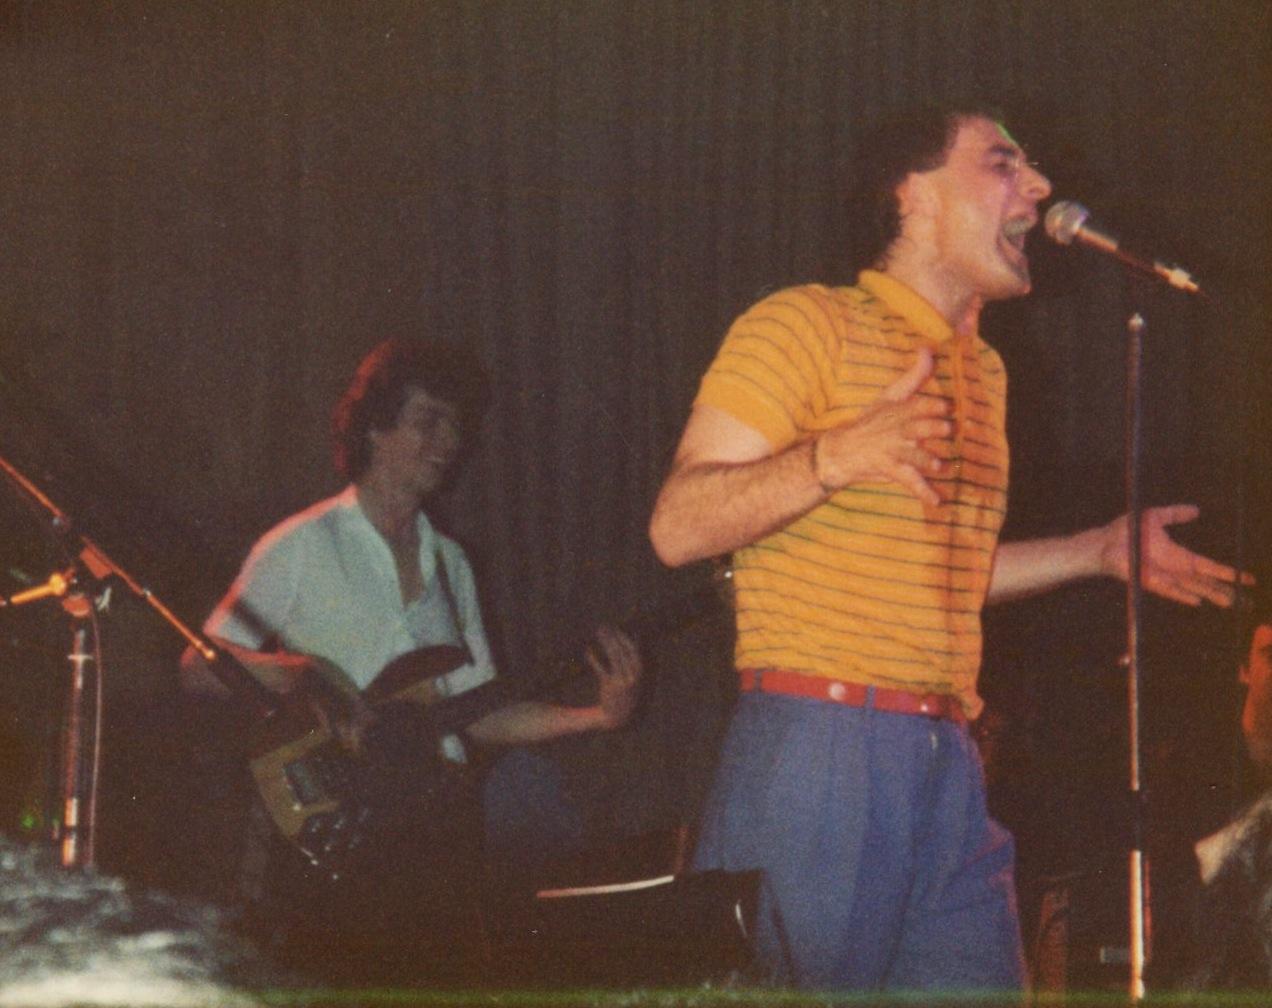 Steve and John Gibblin